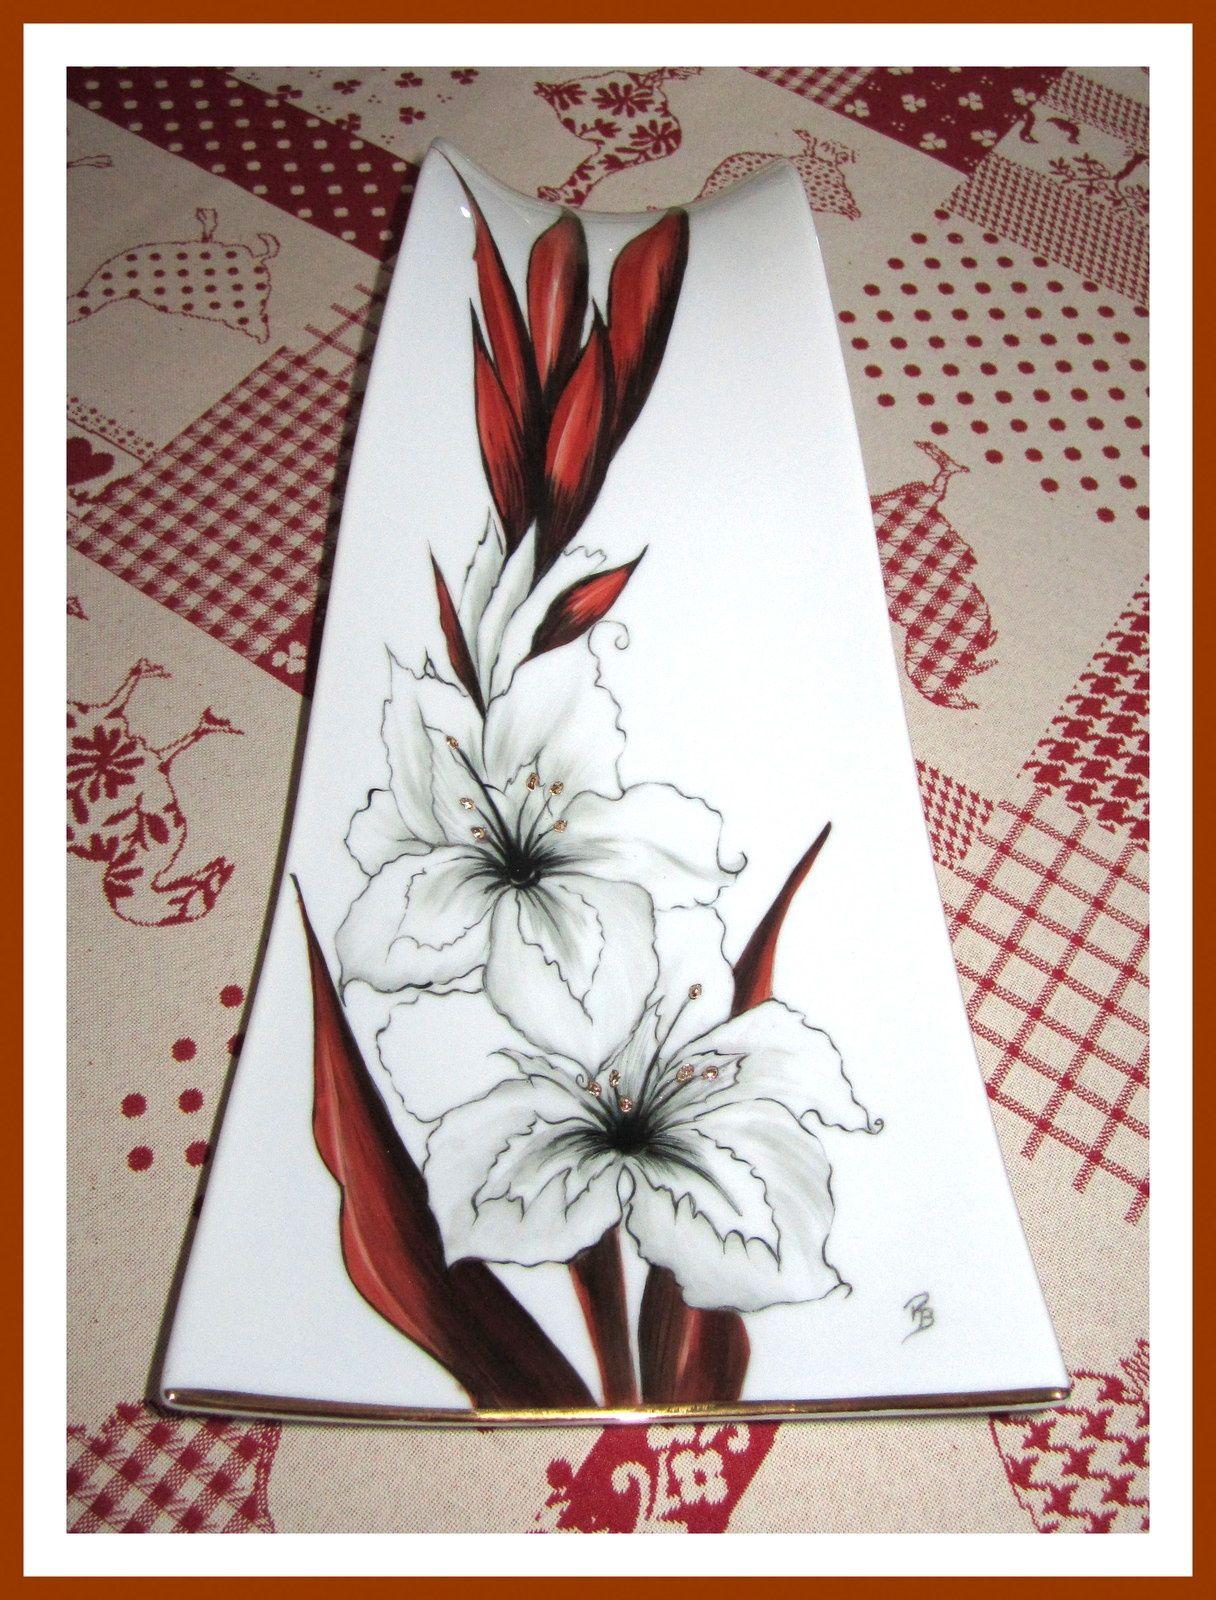 nouveaut s vases porcelaine peinte porcelaine et. Black Bedroom Furniture Sets. Home Design Ideas